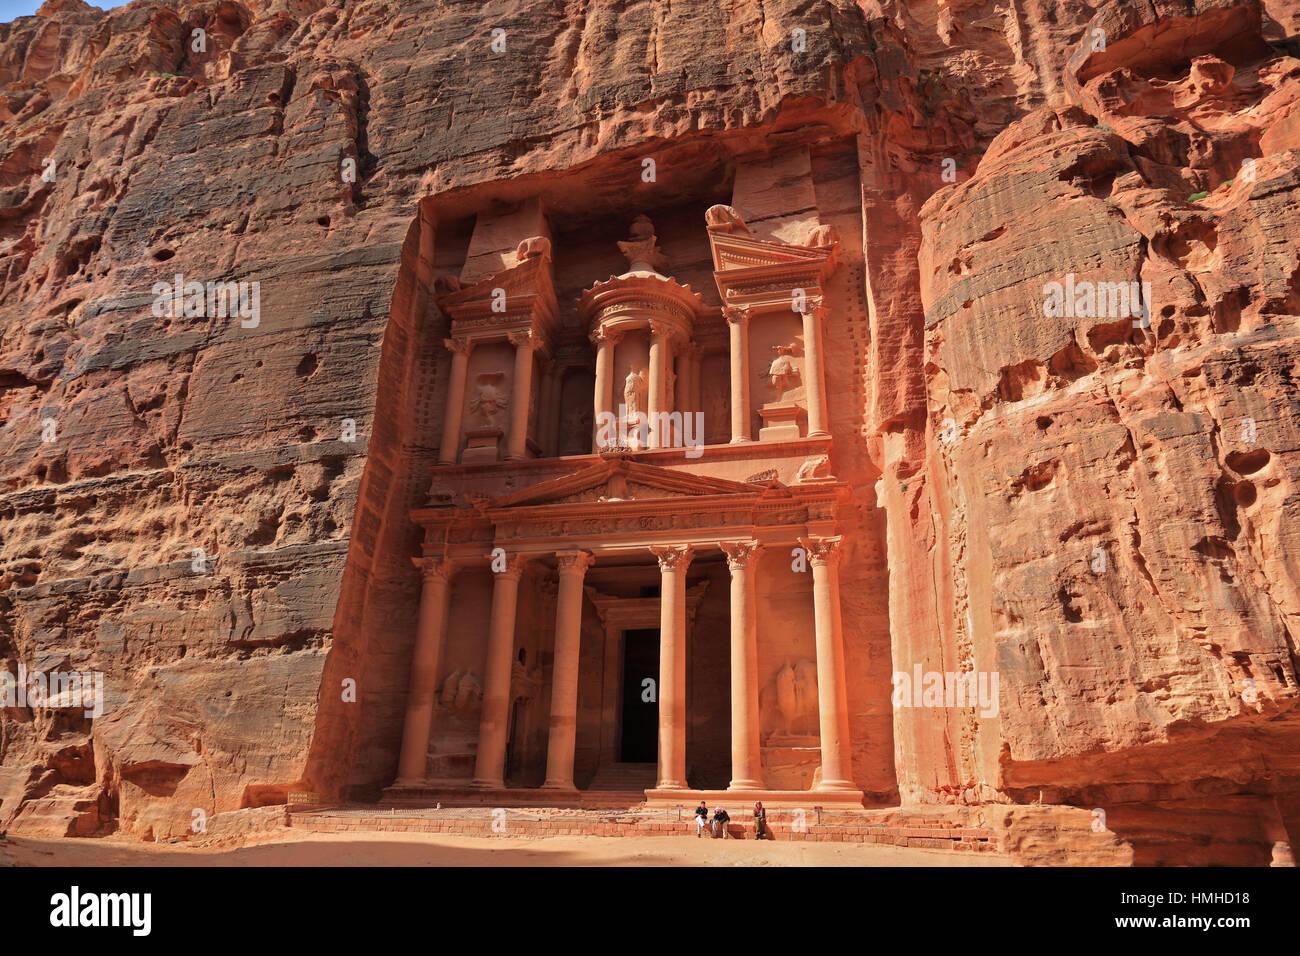 El Khazne al-Firaun, Chaznat al-Firaun, Al-Khazneh, casa del tesoro del faraón, un mausoleo golpeó a partir Imagen De Stock